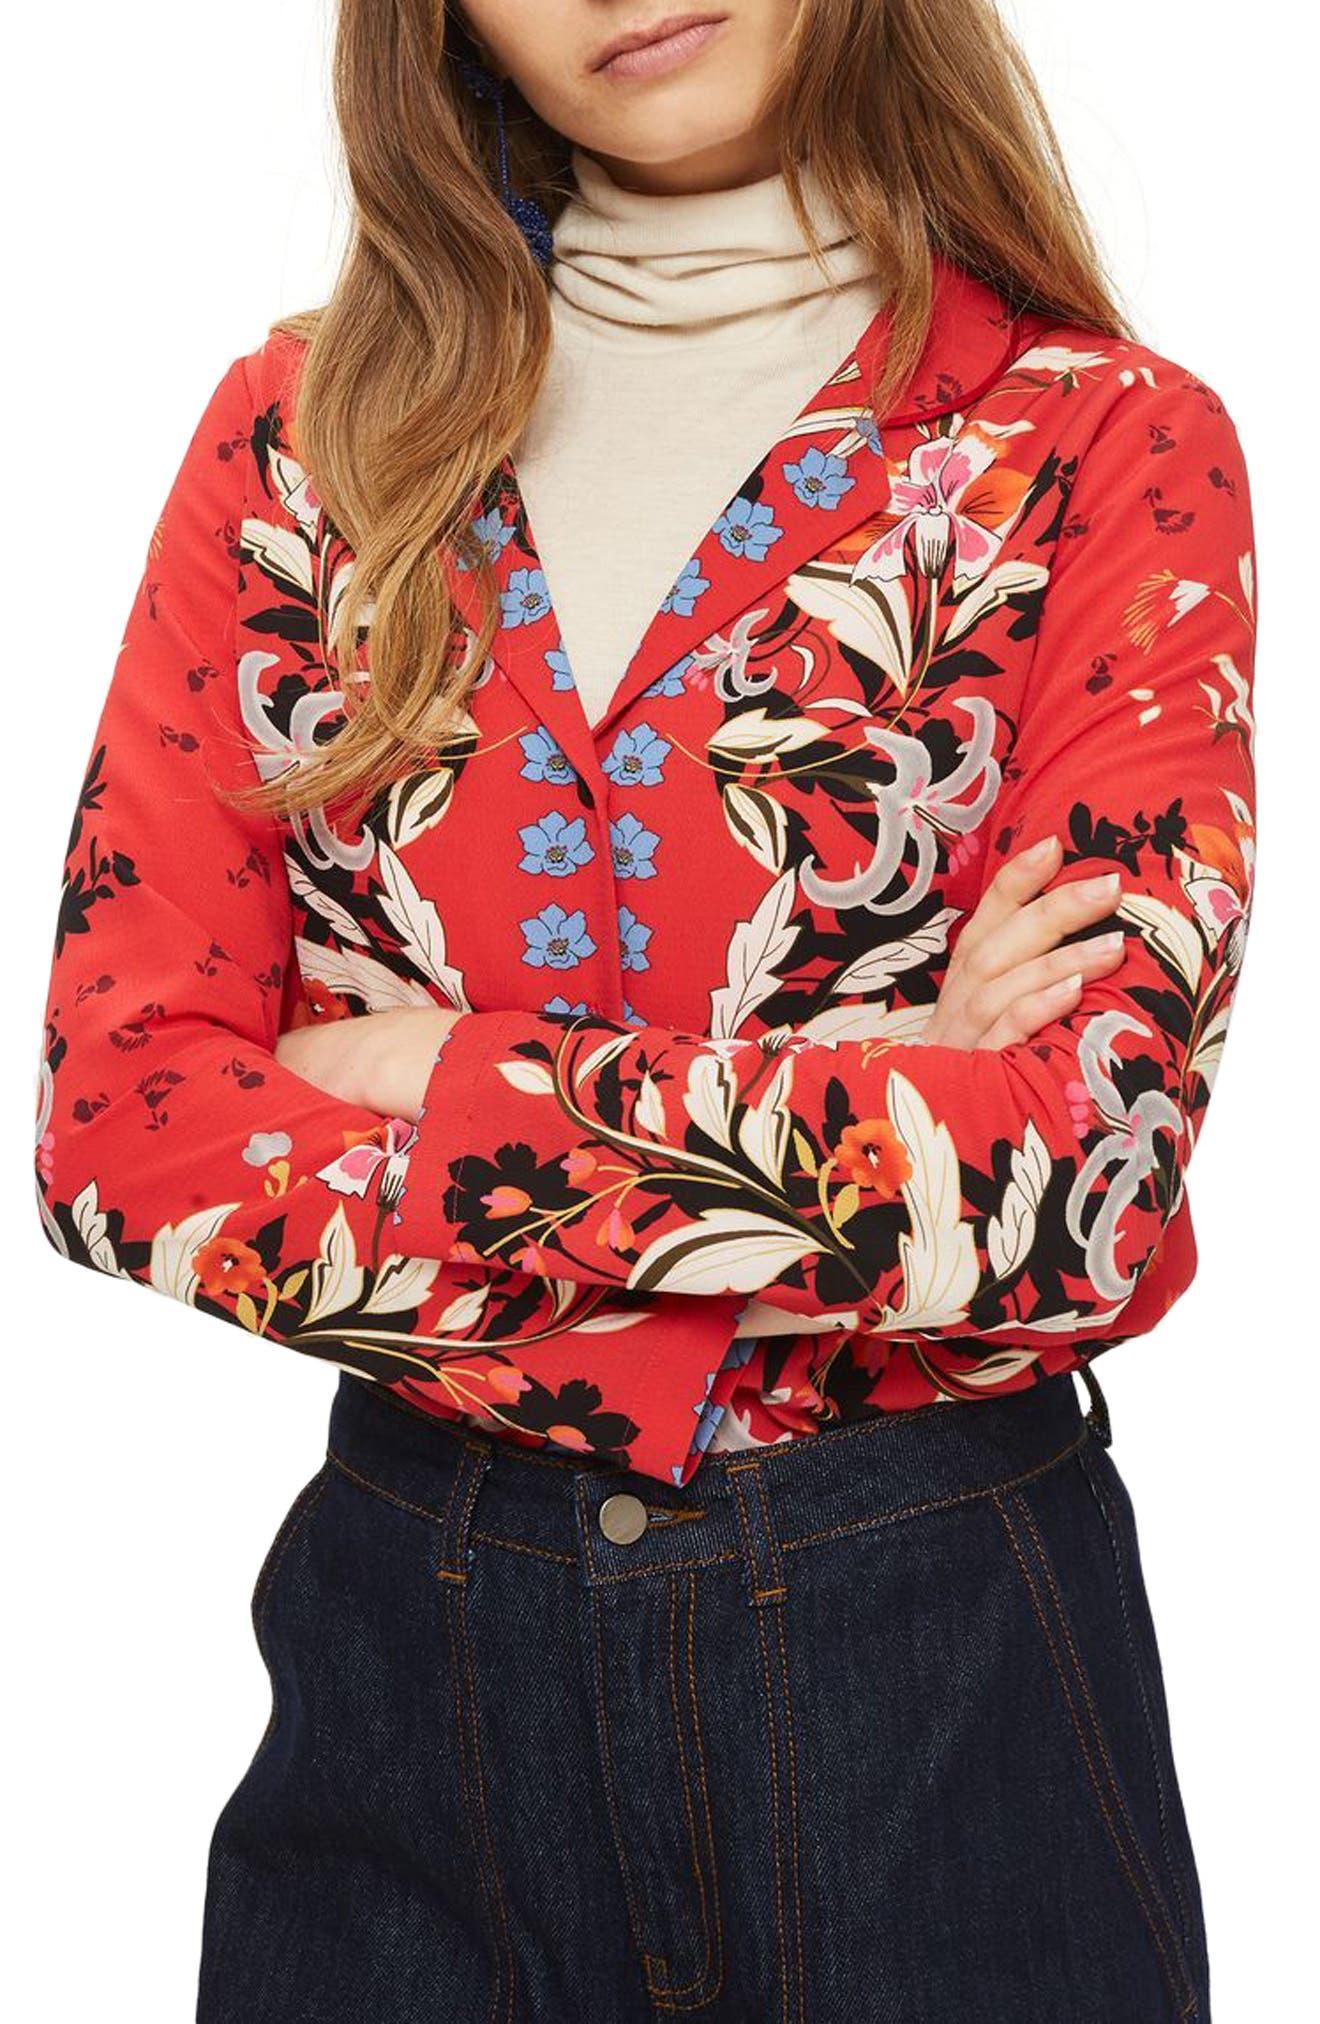 Tiger Lily Shirt,                             Main thumbnail 1, color,                             601